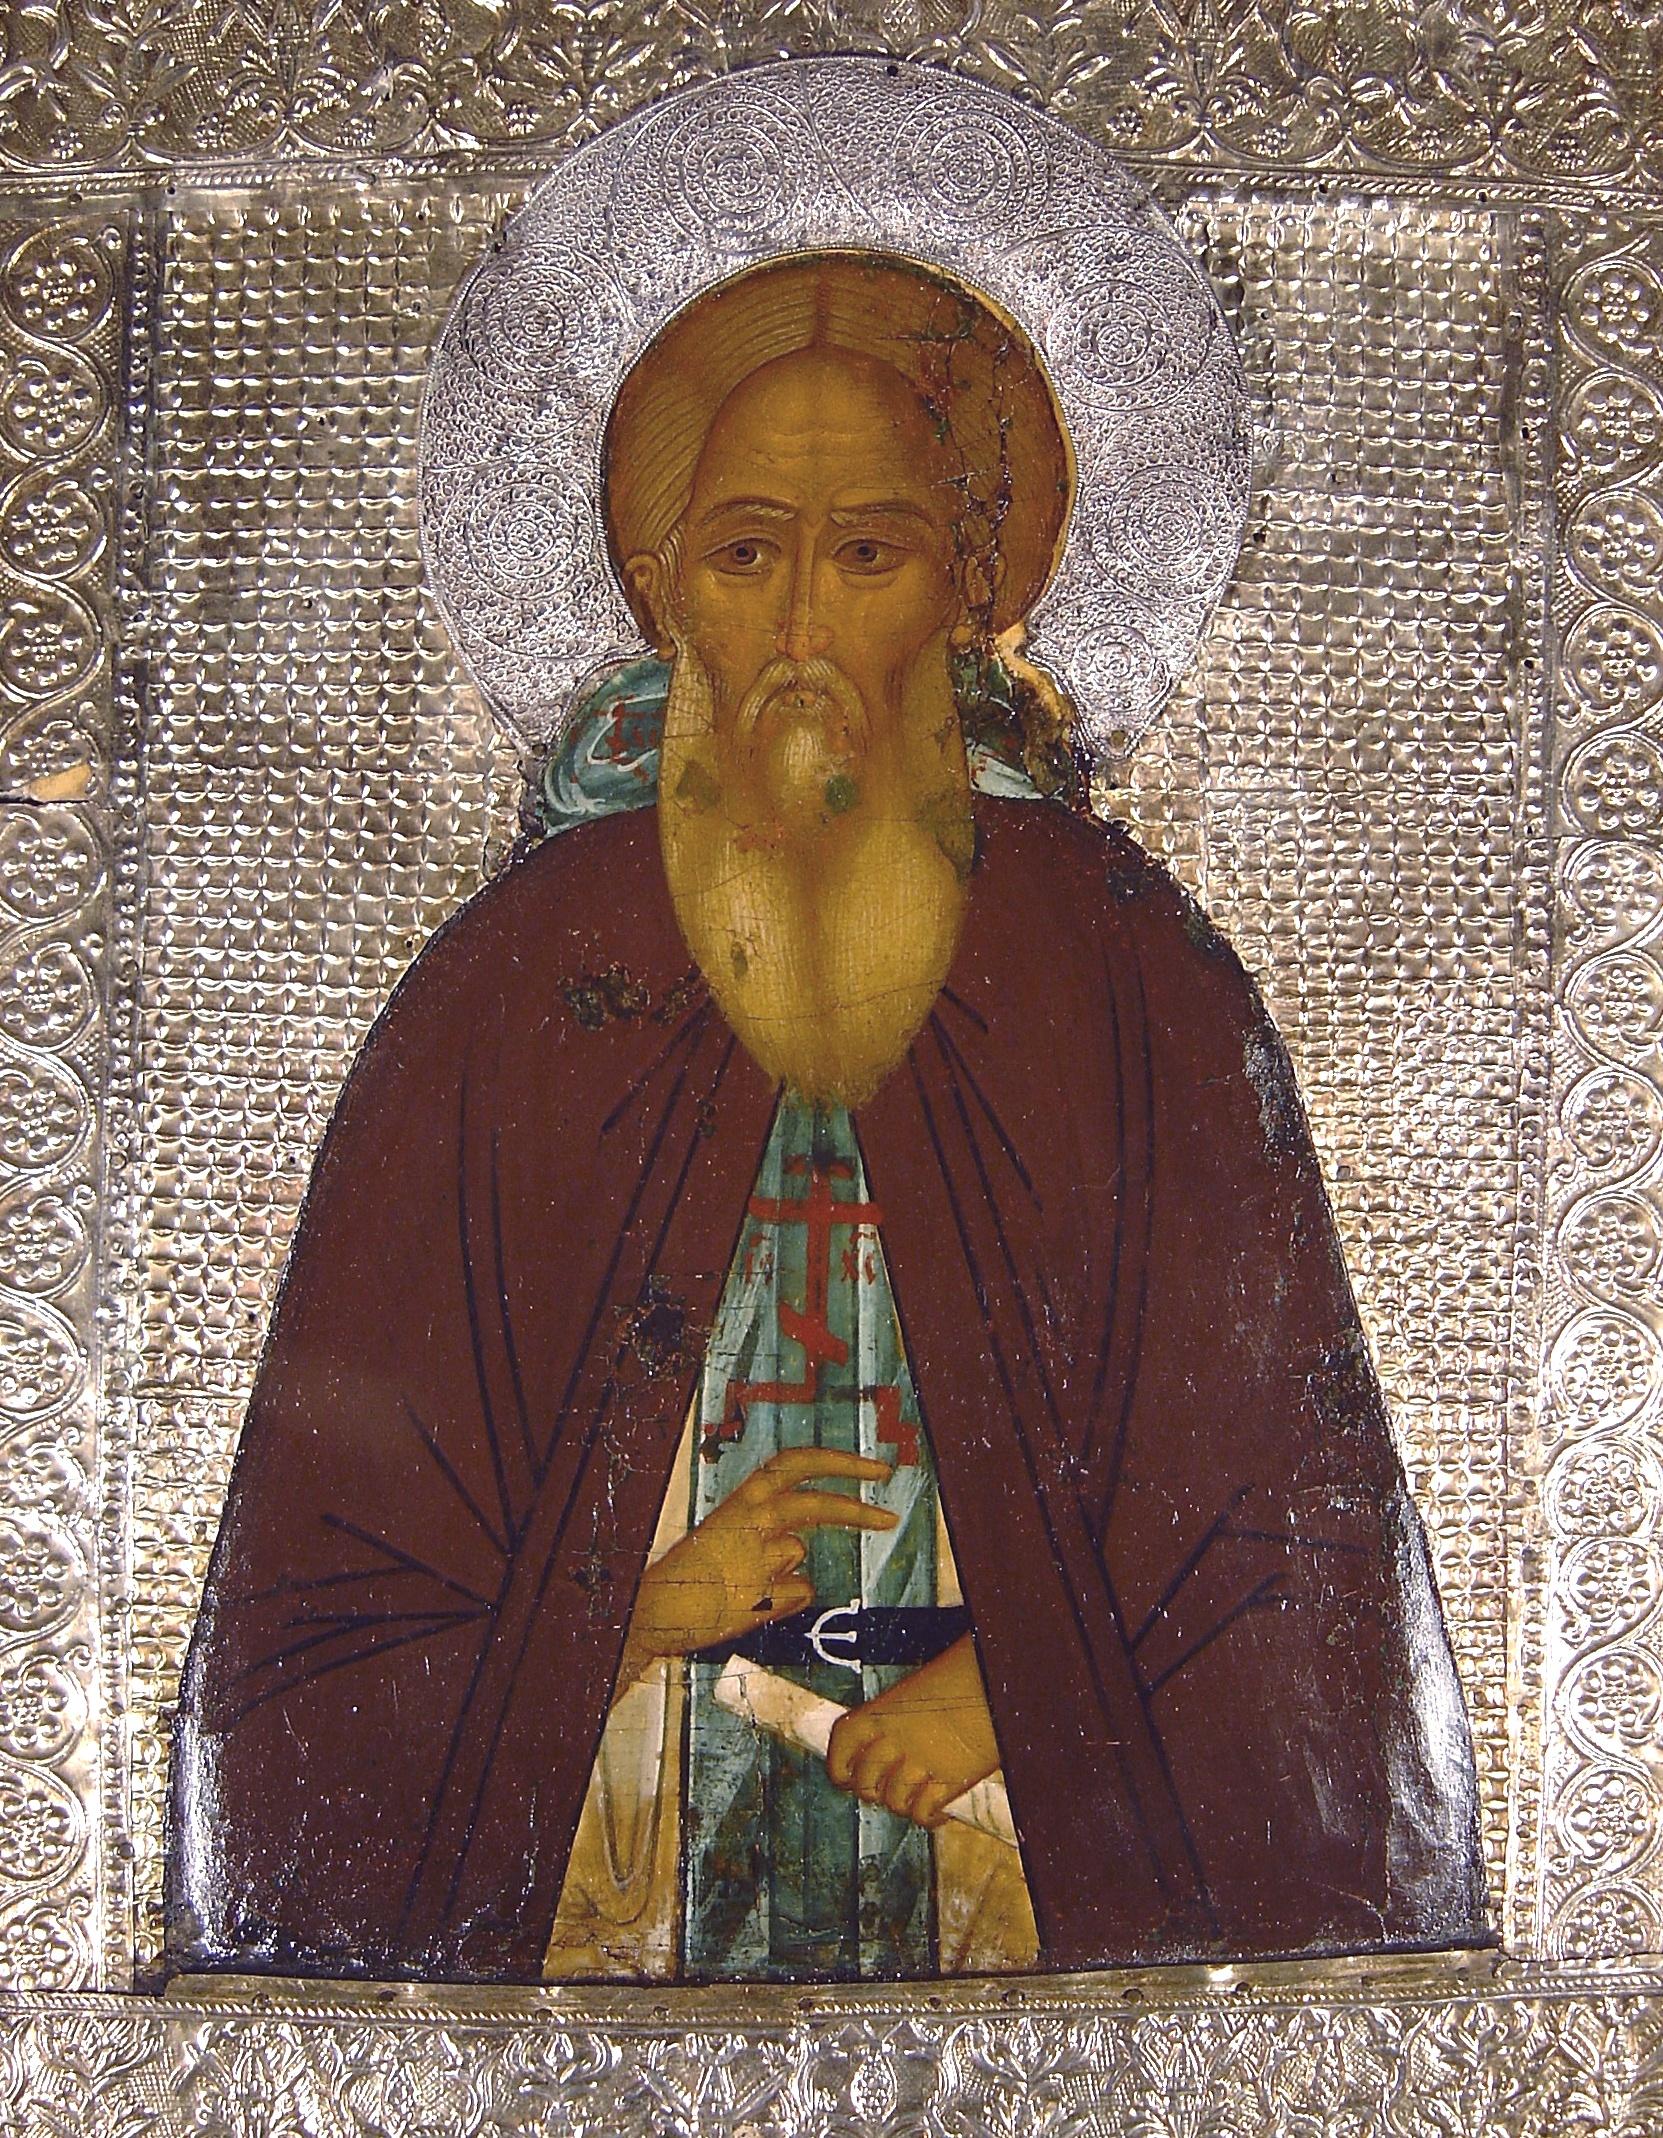 Святой Преподобный Сергий Радонежский. Икона XVI века.